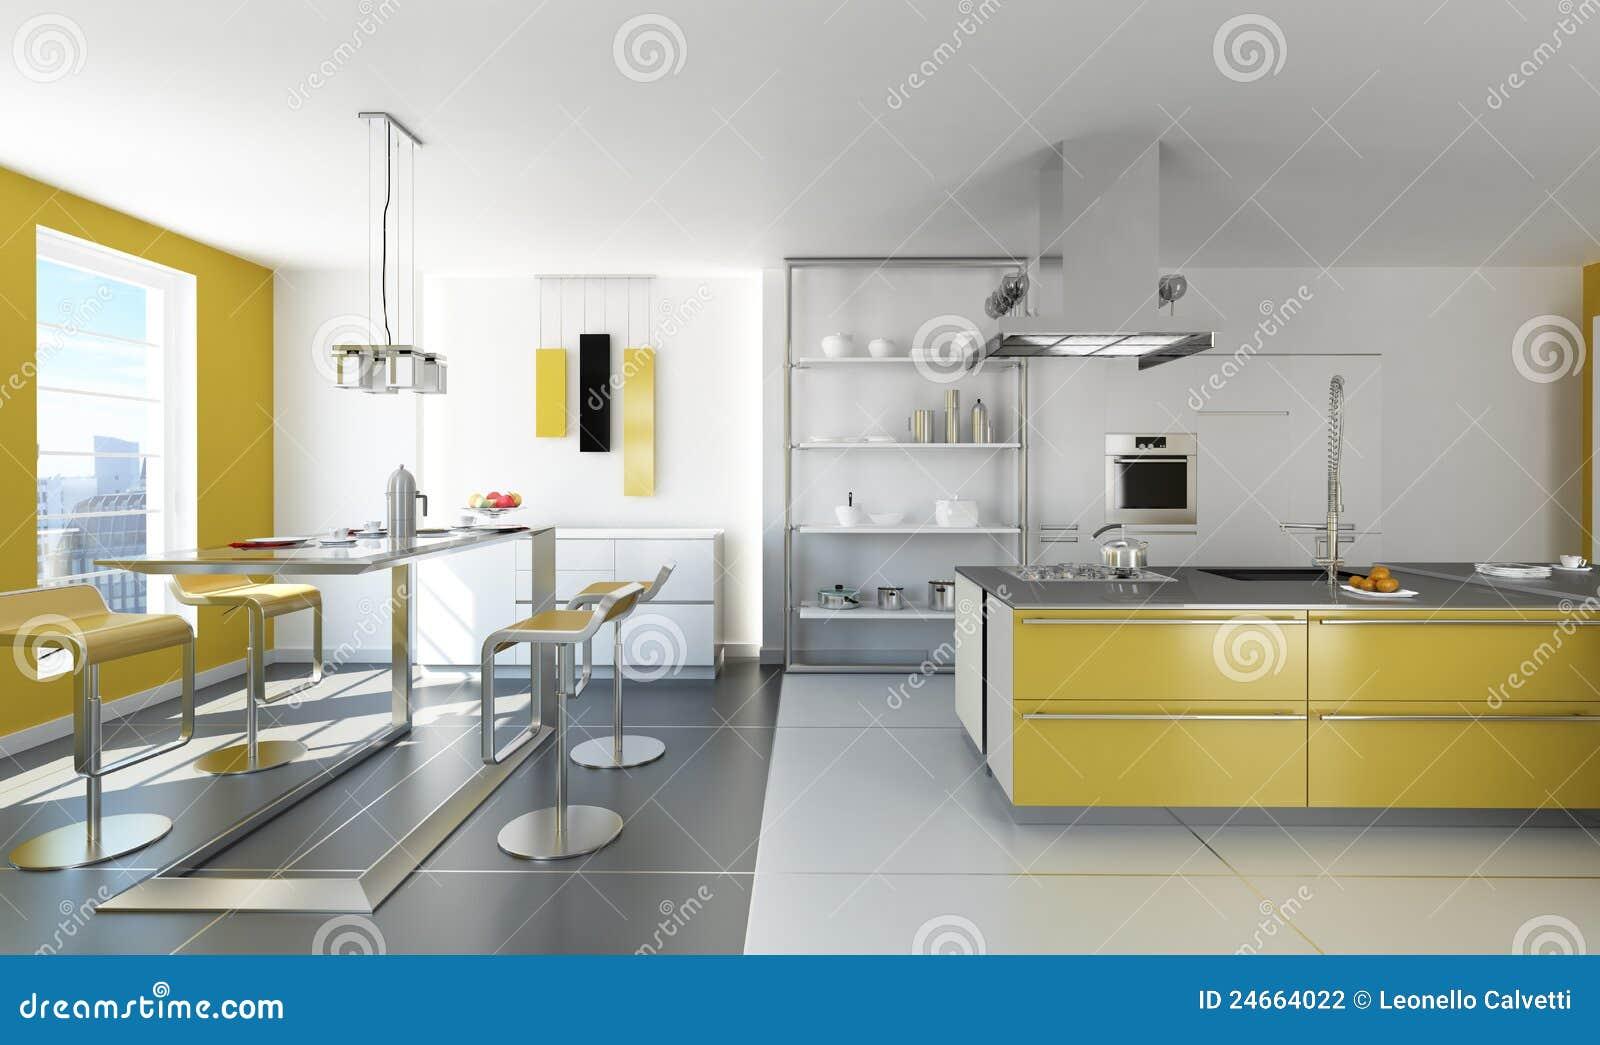 Bella Marche Cucine Moderne #7: Cucina-bianca-e-gialla-moderna-24664022.jpg